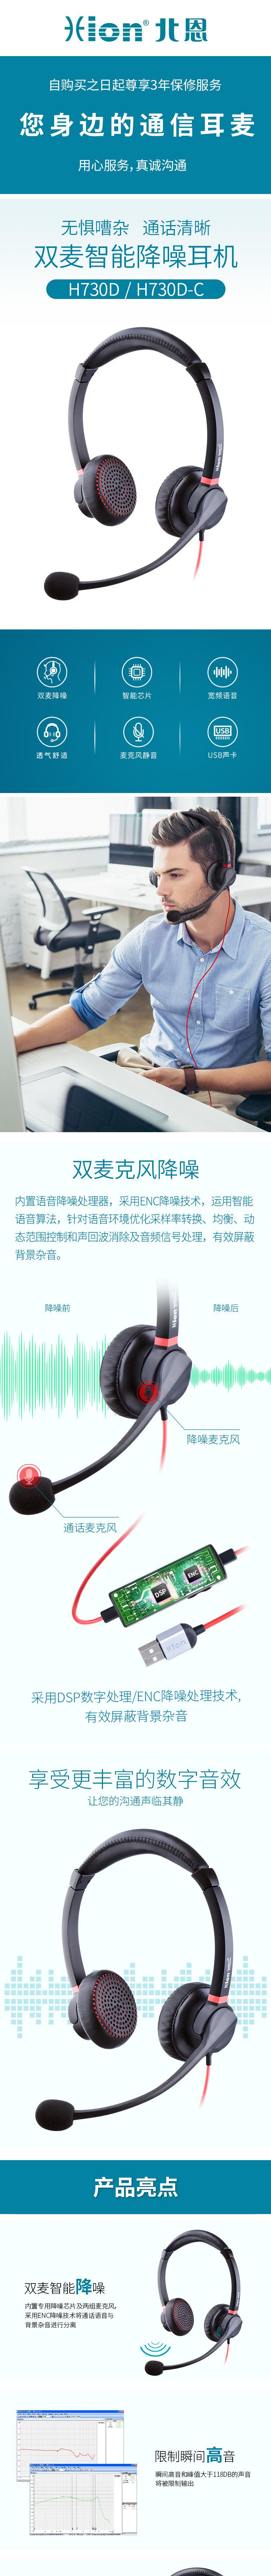 北恩 For900d